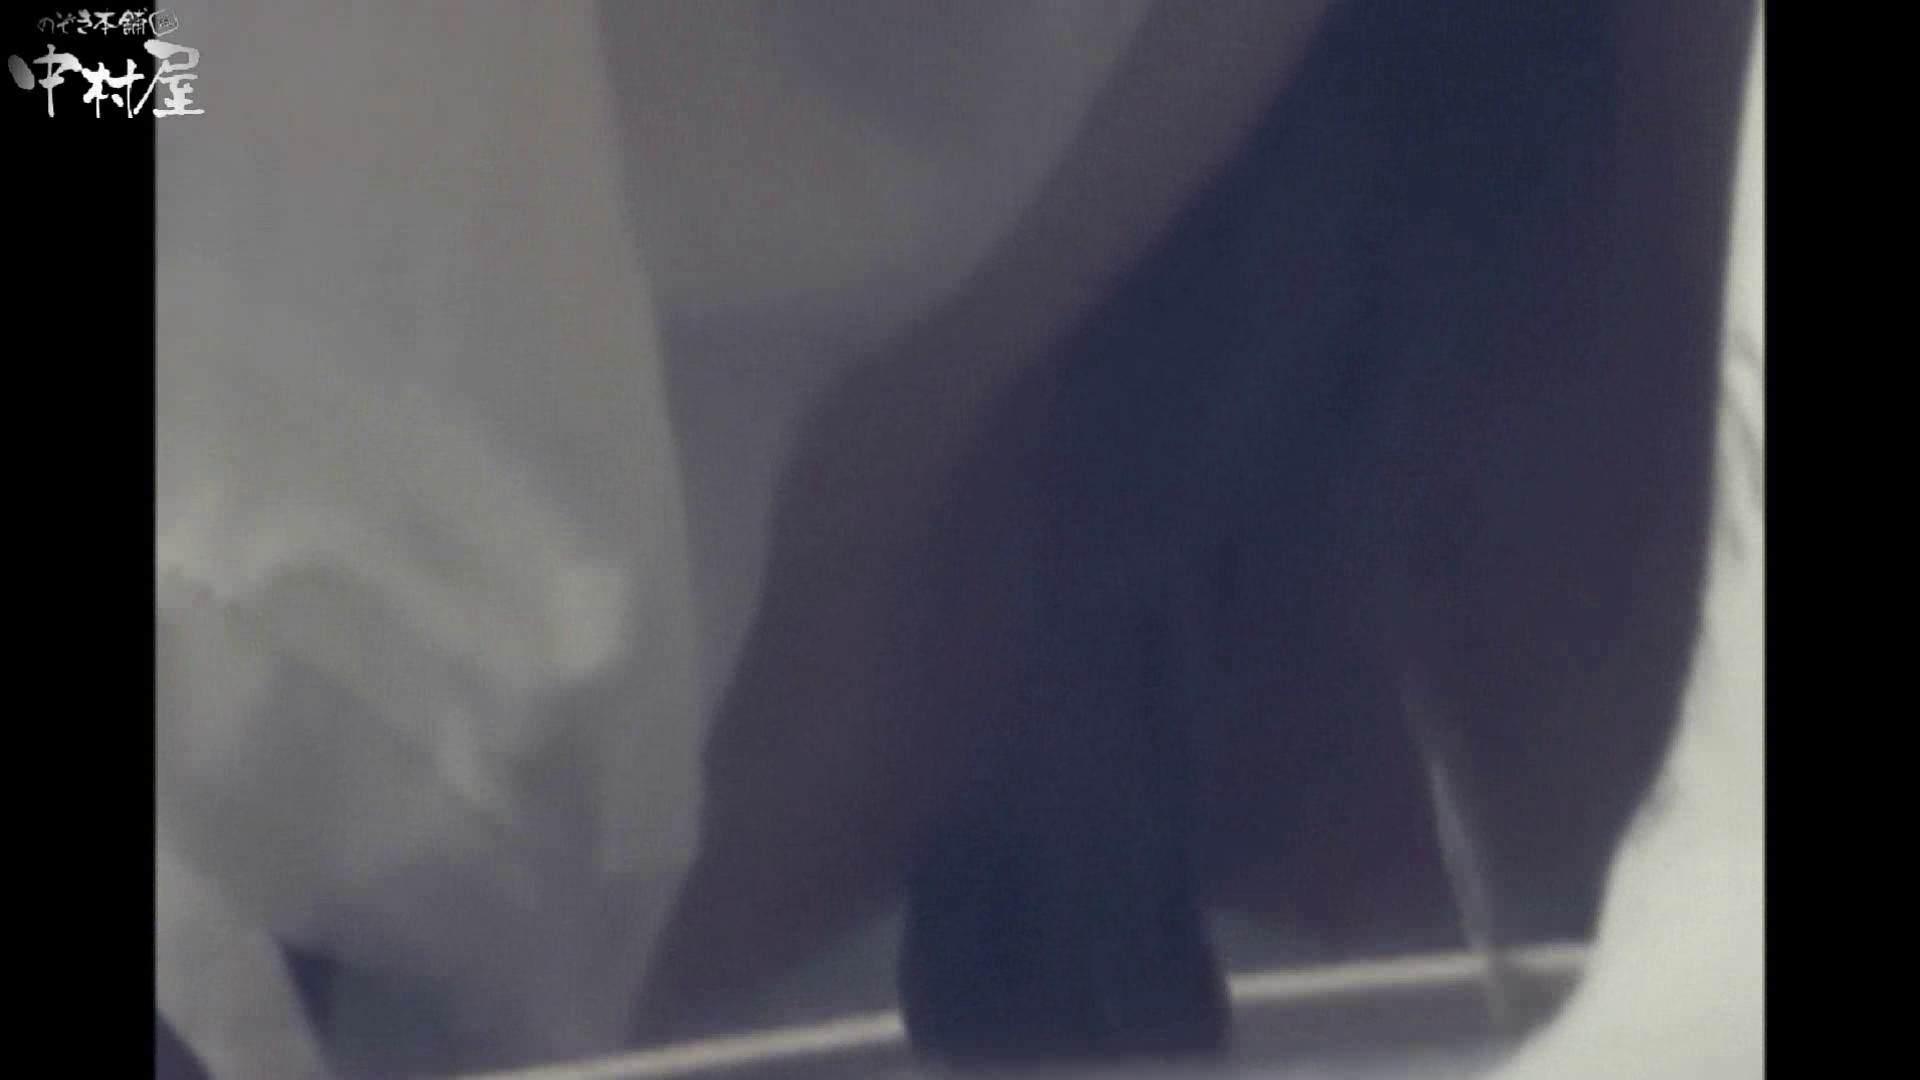 解禁!海の家4カメ洗面所vol.25 人気シリーズ すけべAV動画紹介 99連発 63